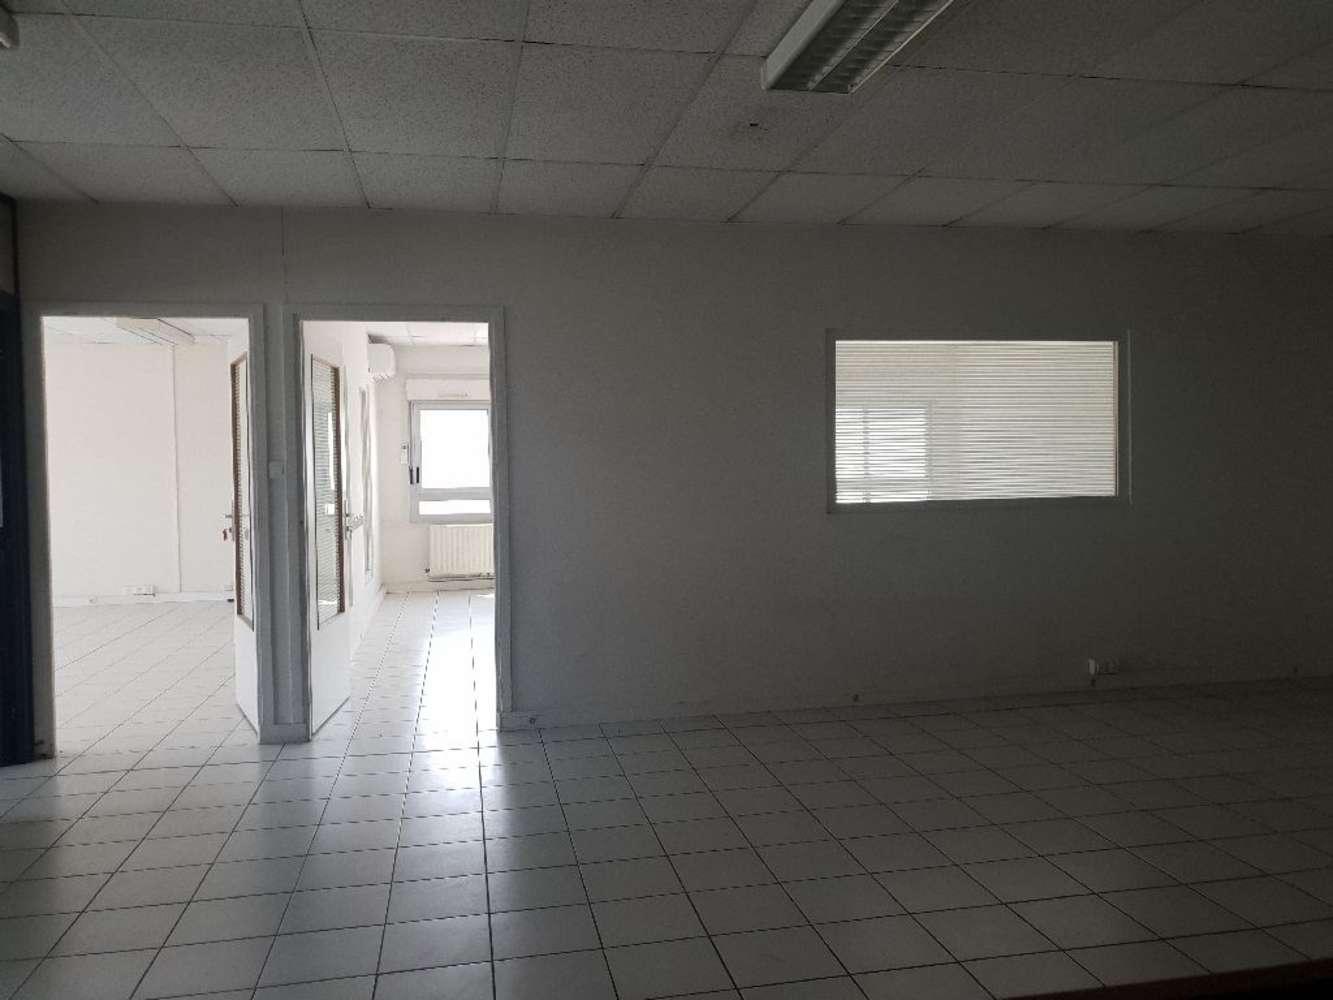 Activités/entrepôt Miribel, 01700 - 300 ROUTE DE STRASBOURG - 10526011